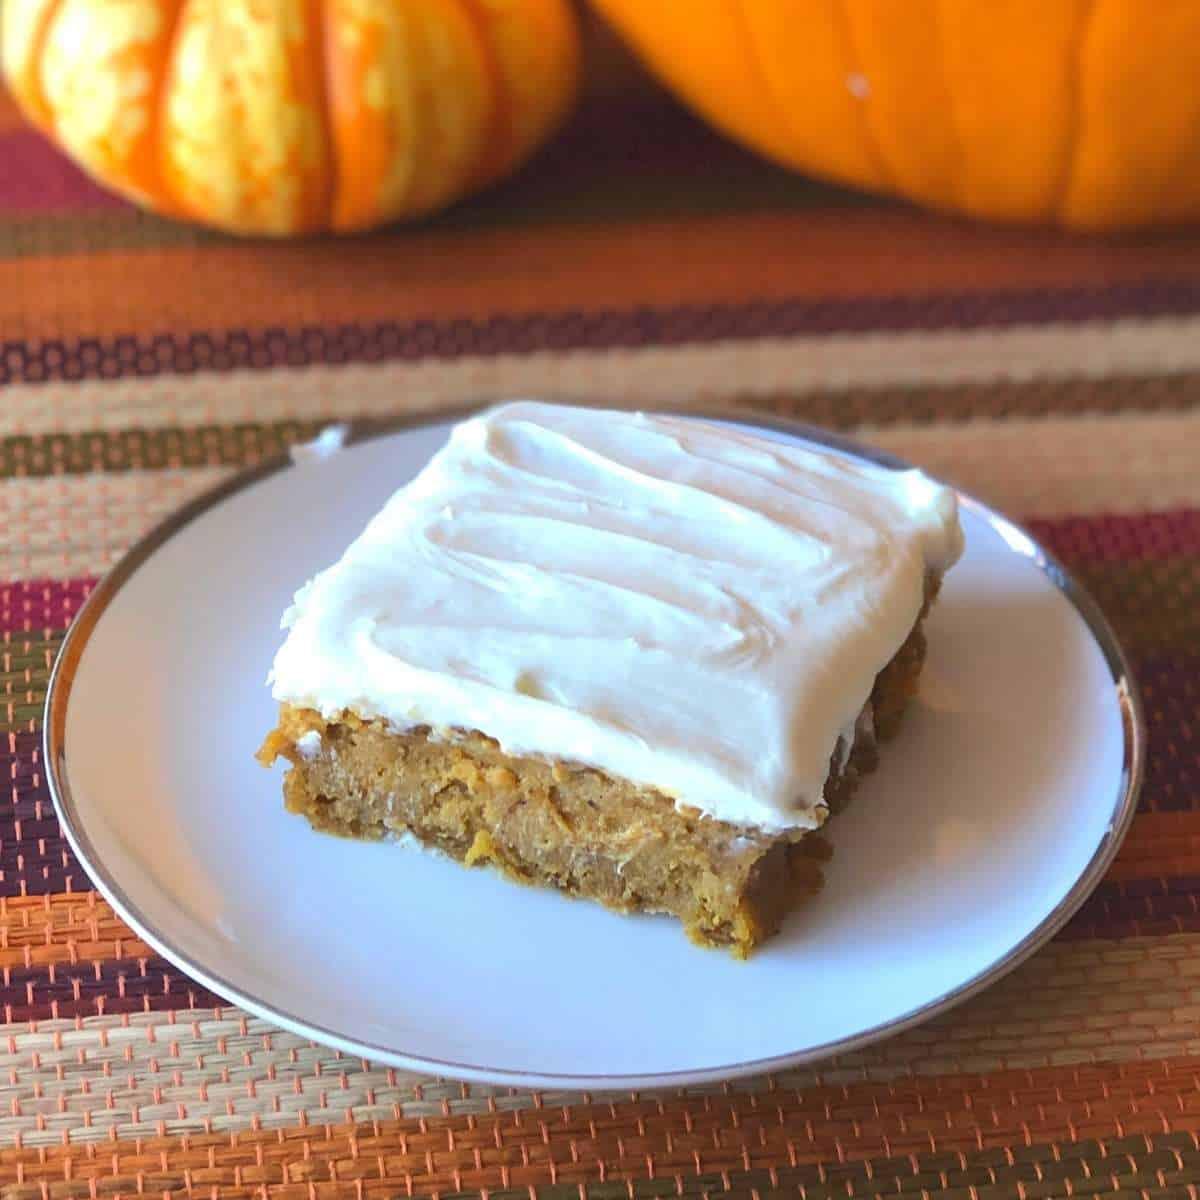 An allergy friendly pumpkin bars on a white plate